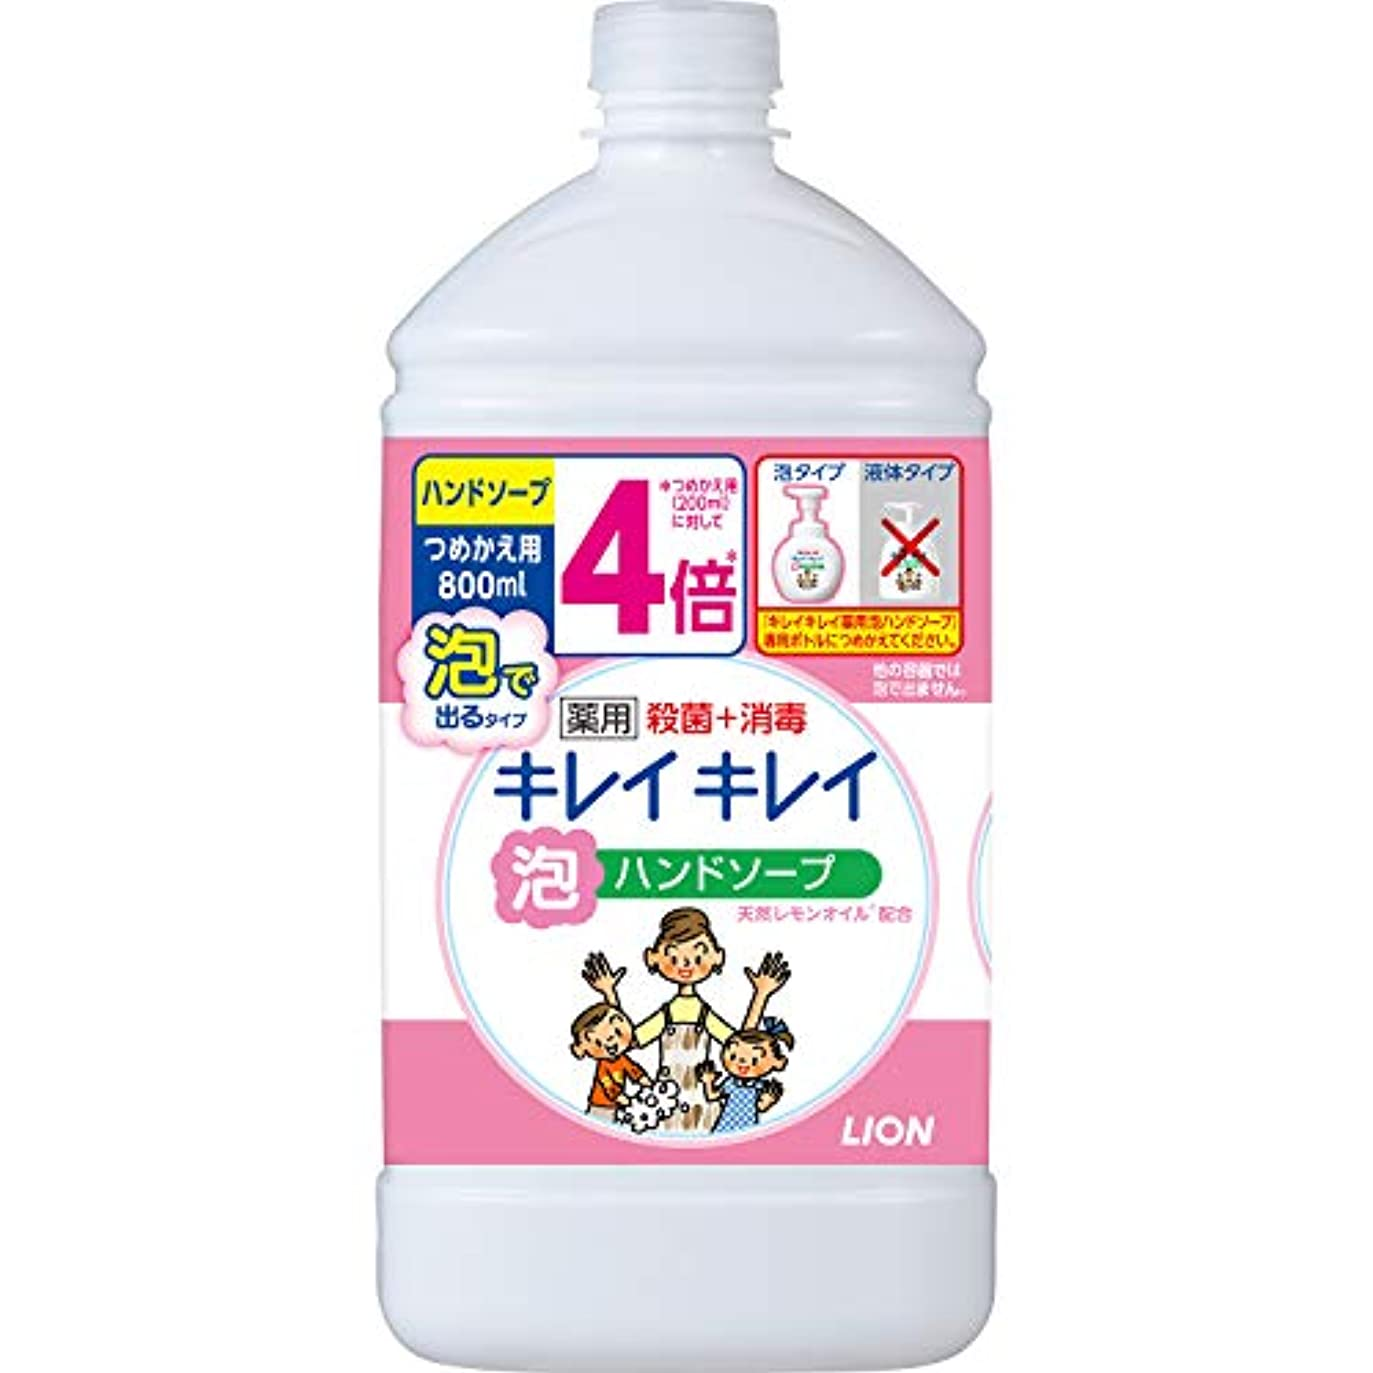 さておき雄大な偏心(医薬部外品)【大容量】キレイキレイ 薬用 泡ハンドソープ シトラスフルーティの香り 詰め替え 特大 800ml